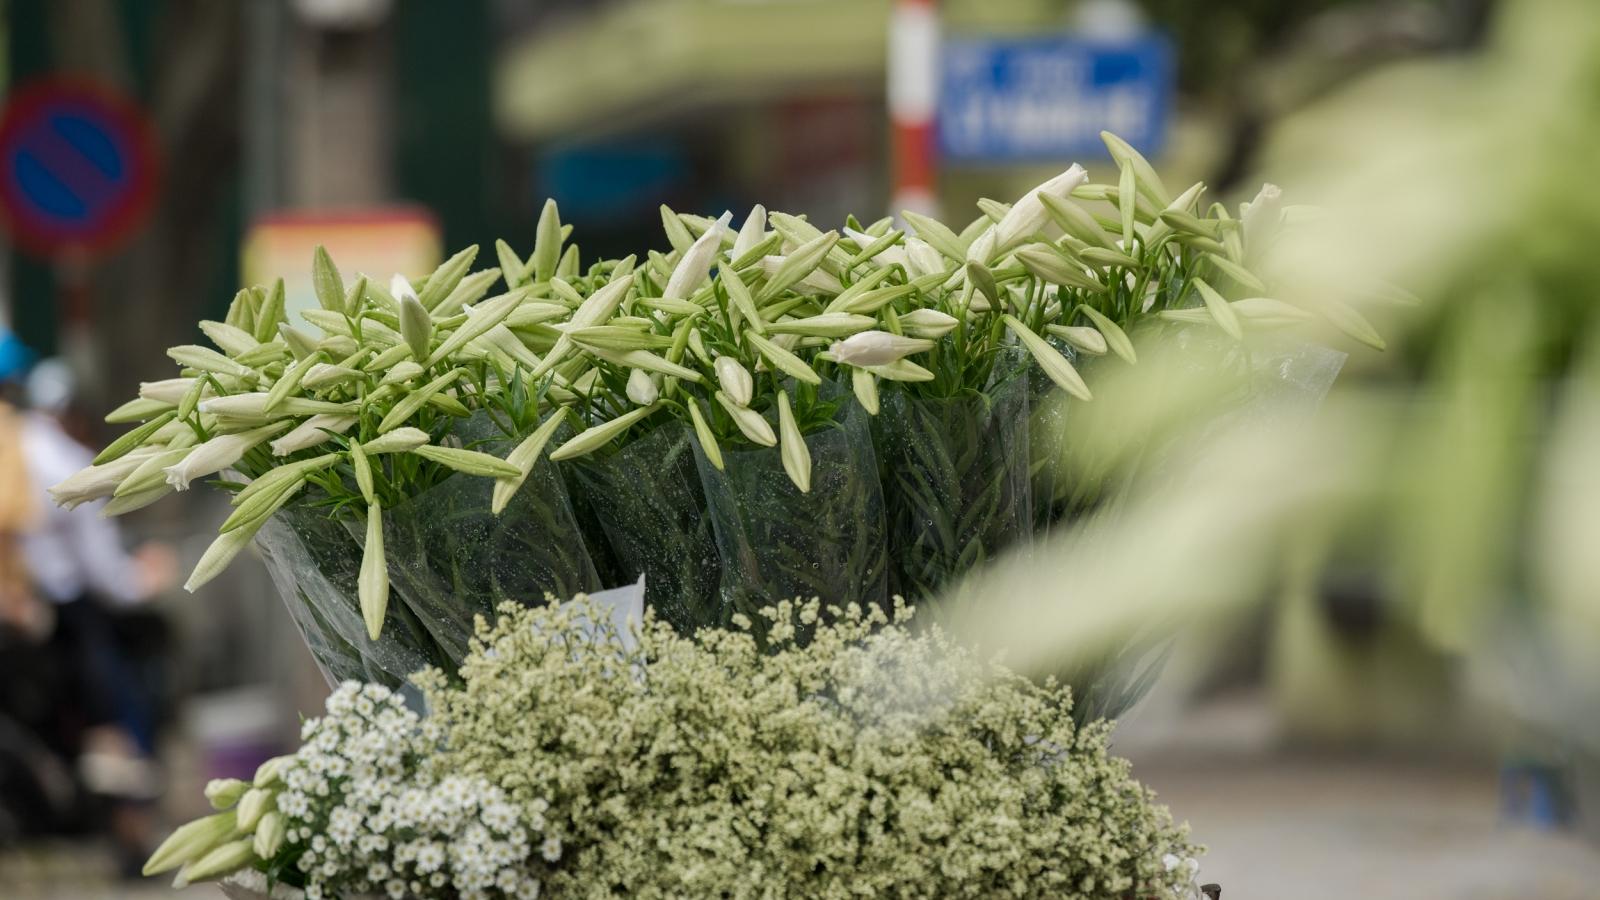 Mê mẩn sắc hoa loa kèn tinh khôi gọi tháng 4 về trên phố Hà Nội